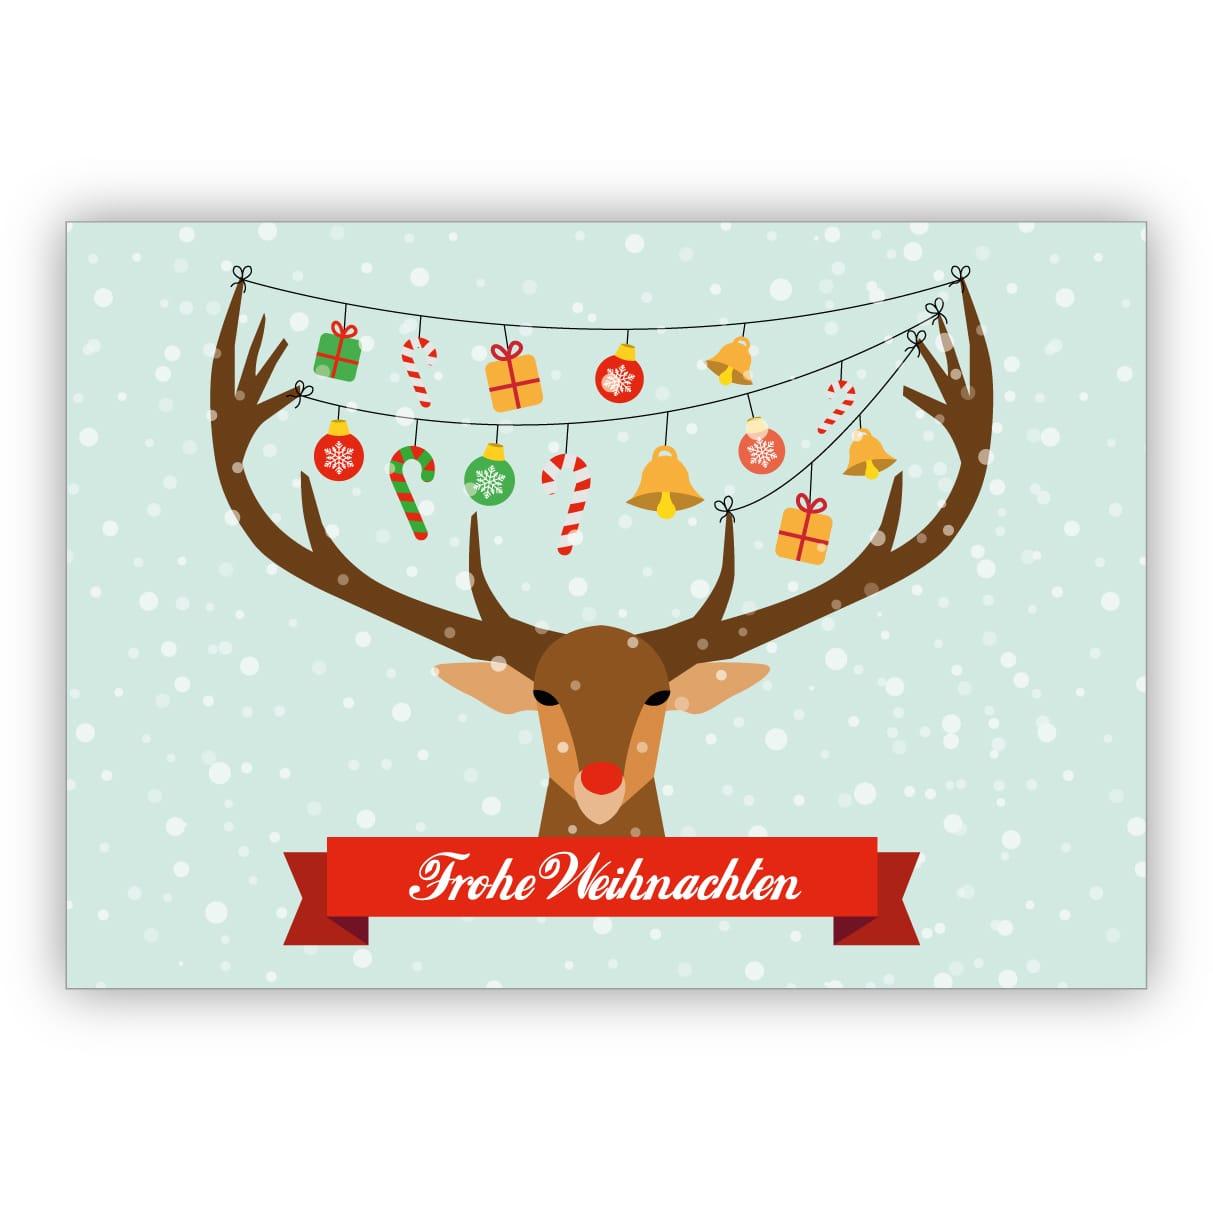 Lustige Weihnachtskarte Mit Geschmücktem Weihnachts Hirsch: Frohe  Weihnachten mit Weihnachten Bilder Lustig